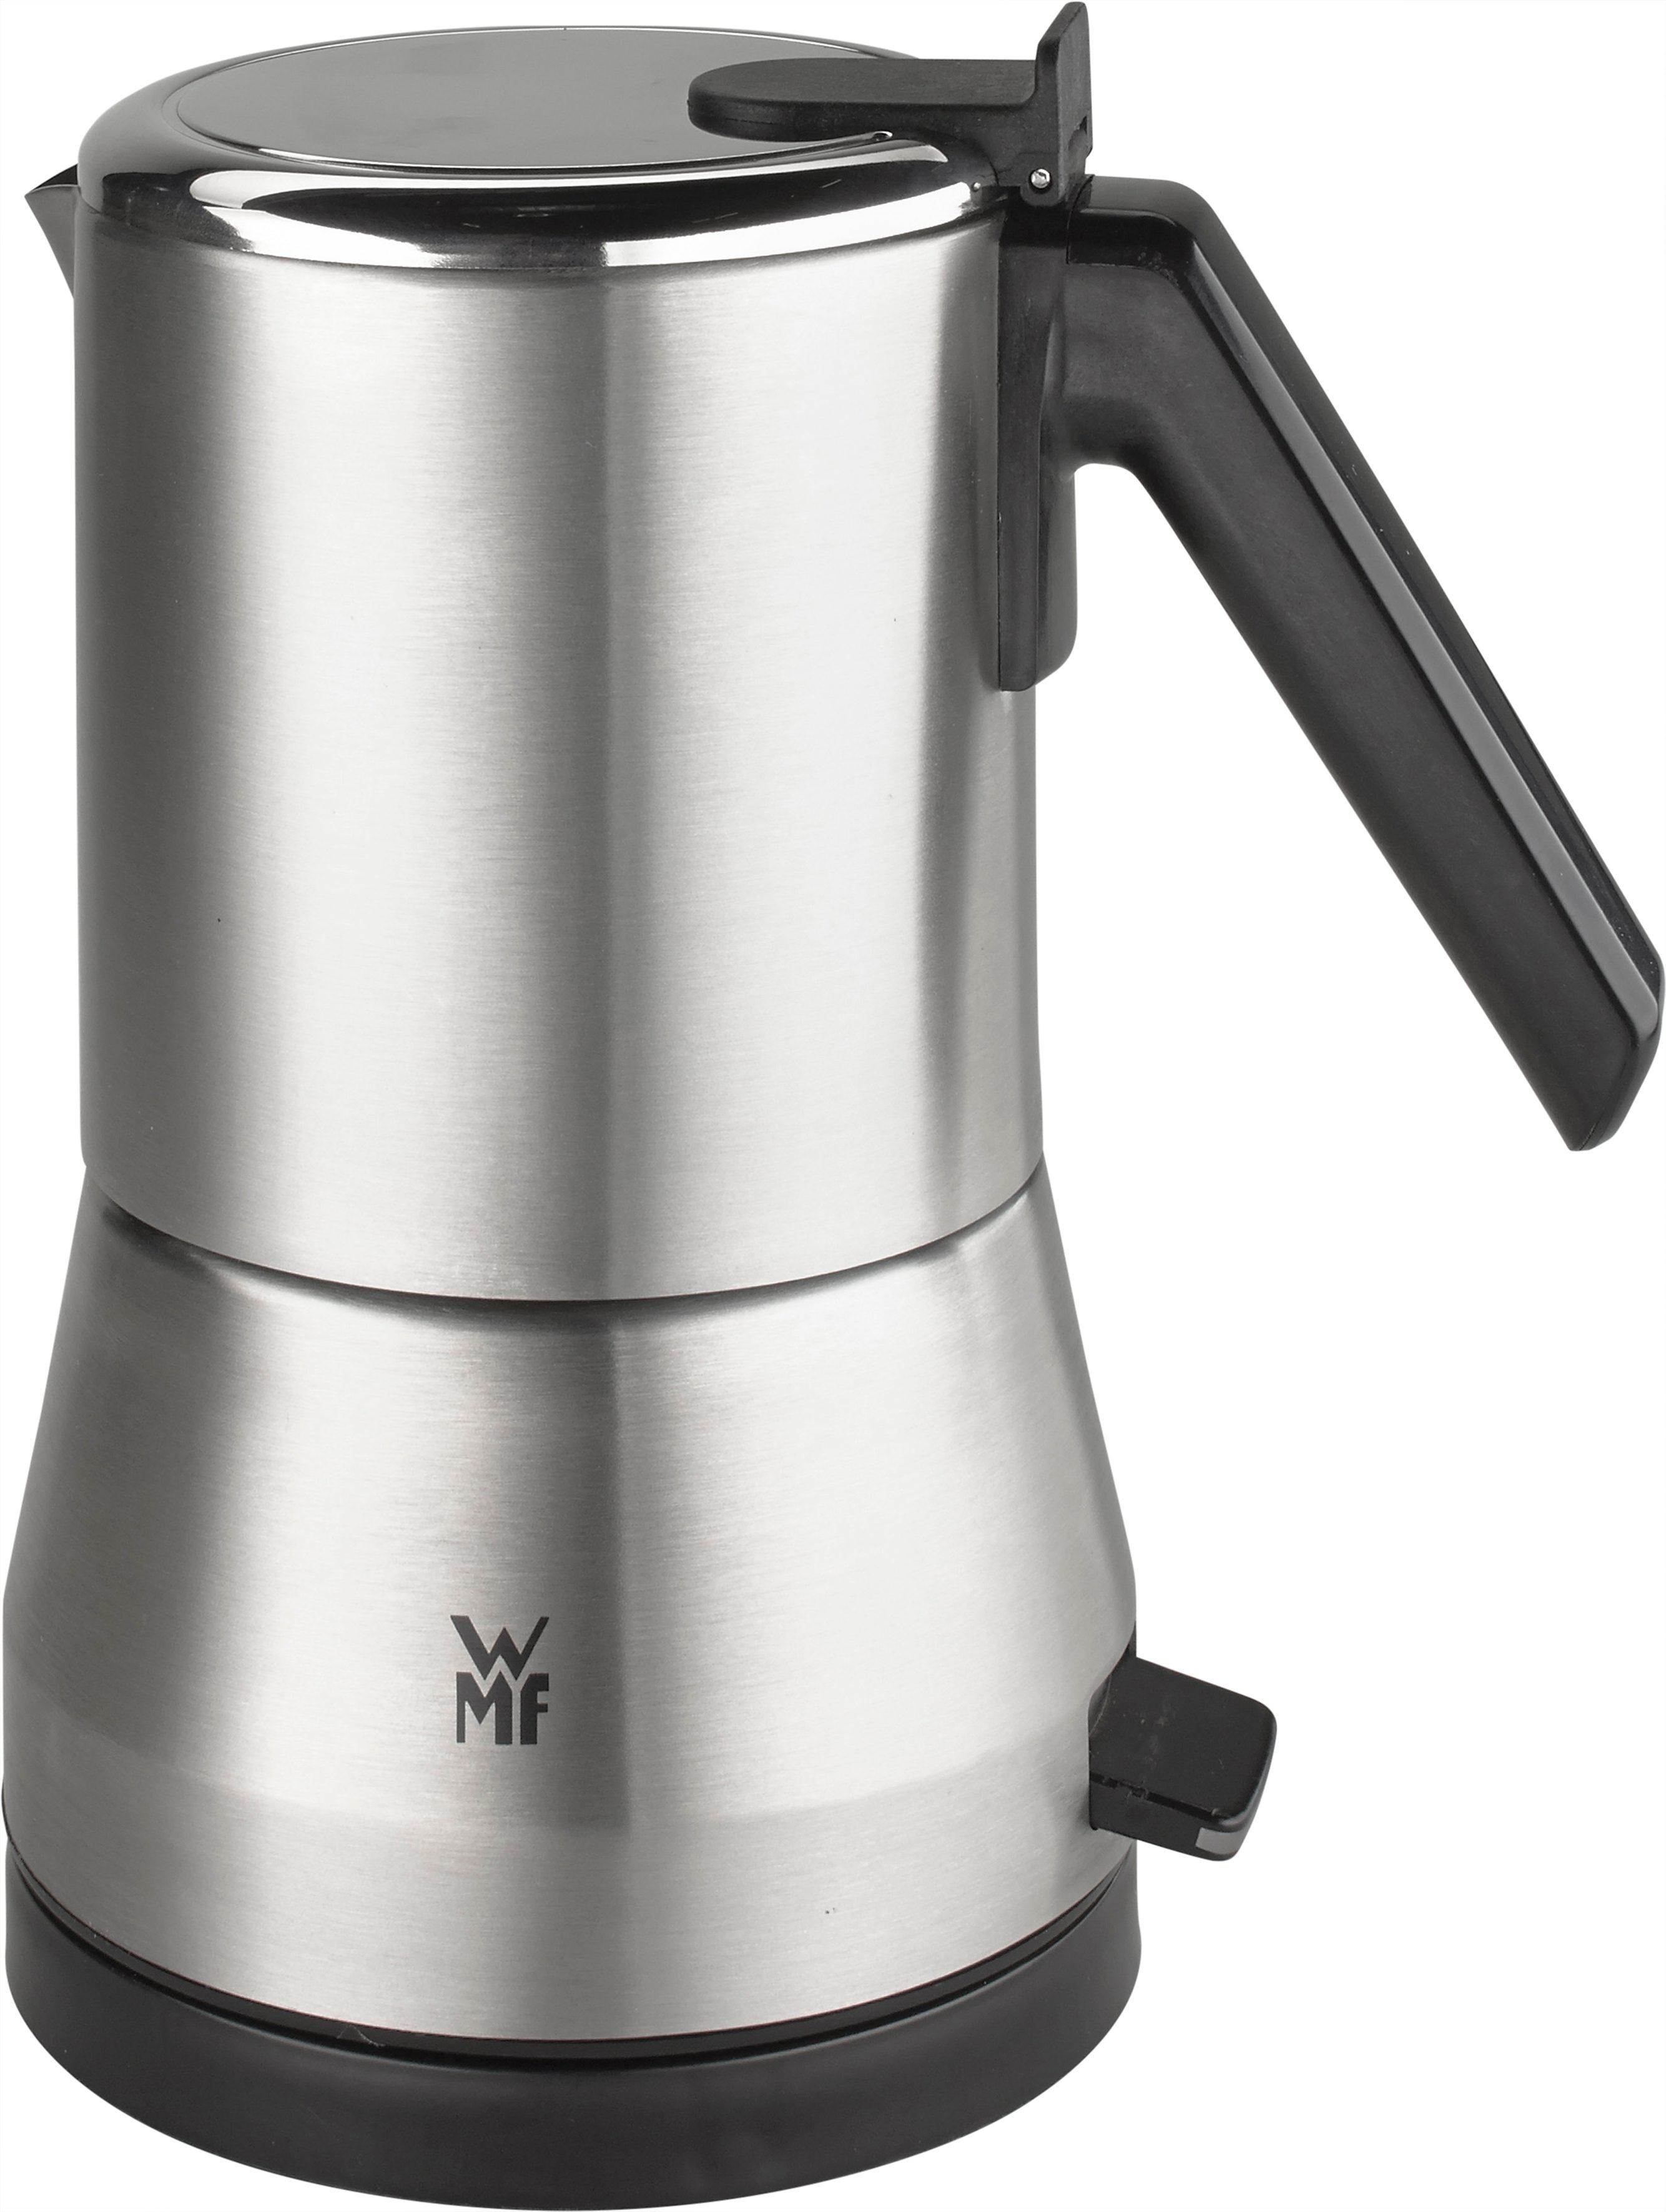 WMF Espressokocher KÜCHENminis®, beleuchteter An- und Ausschalter